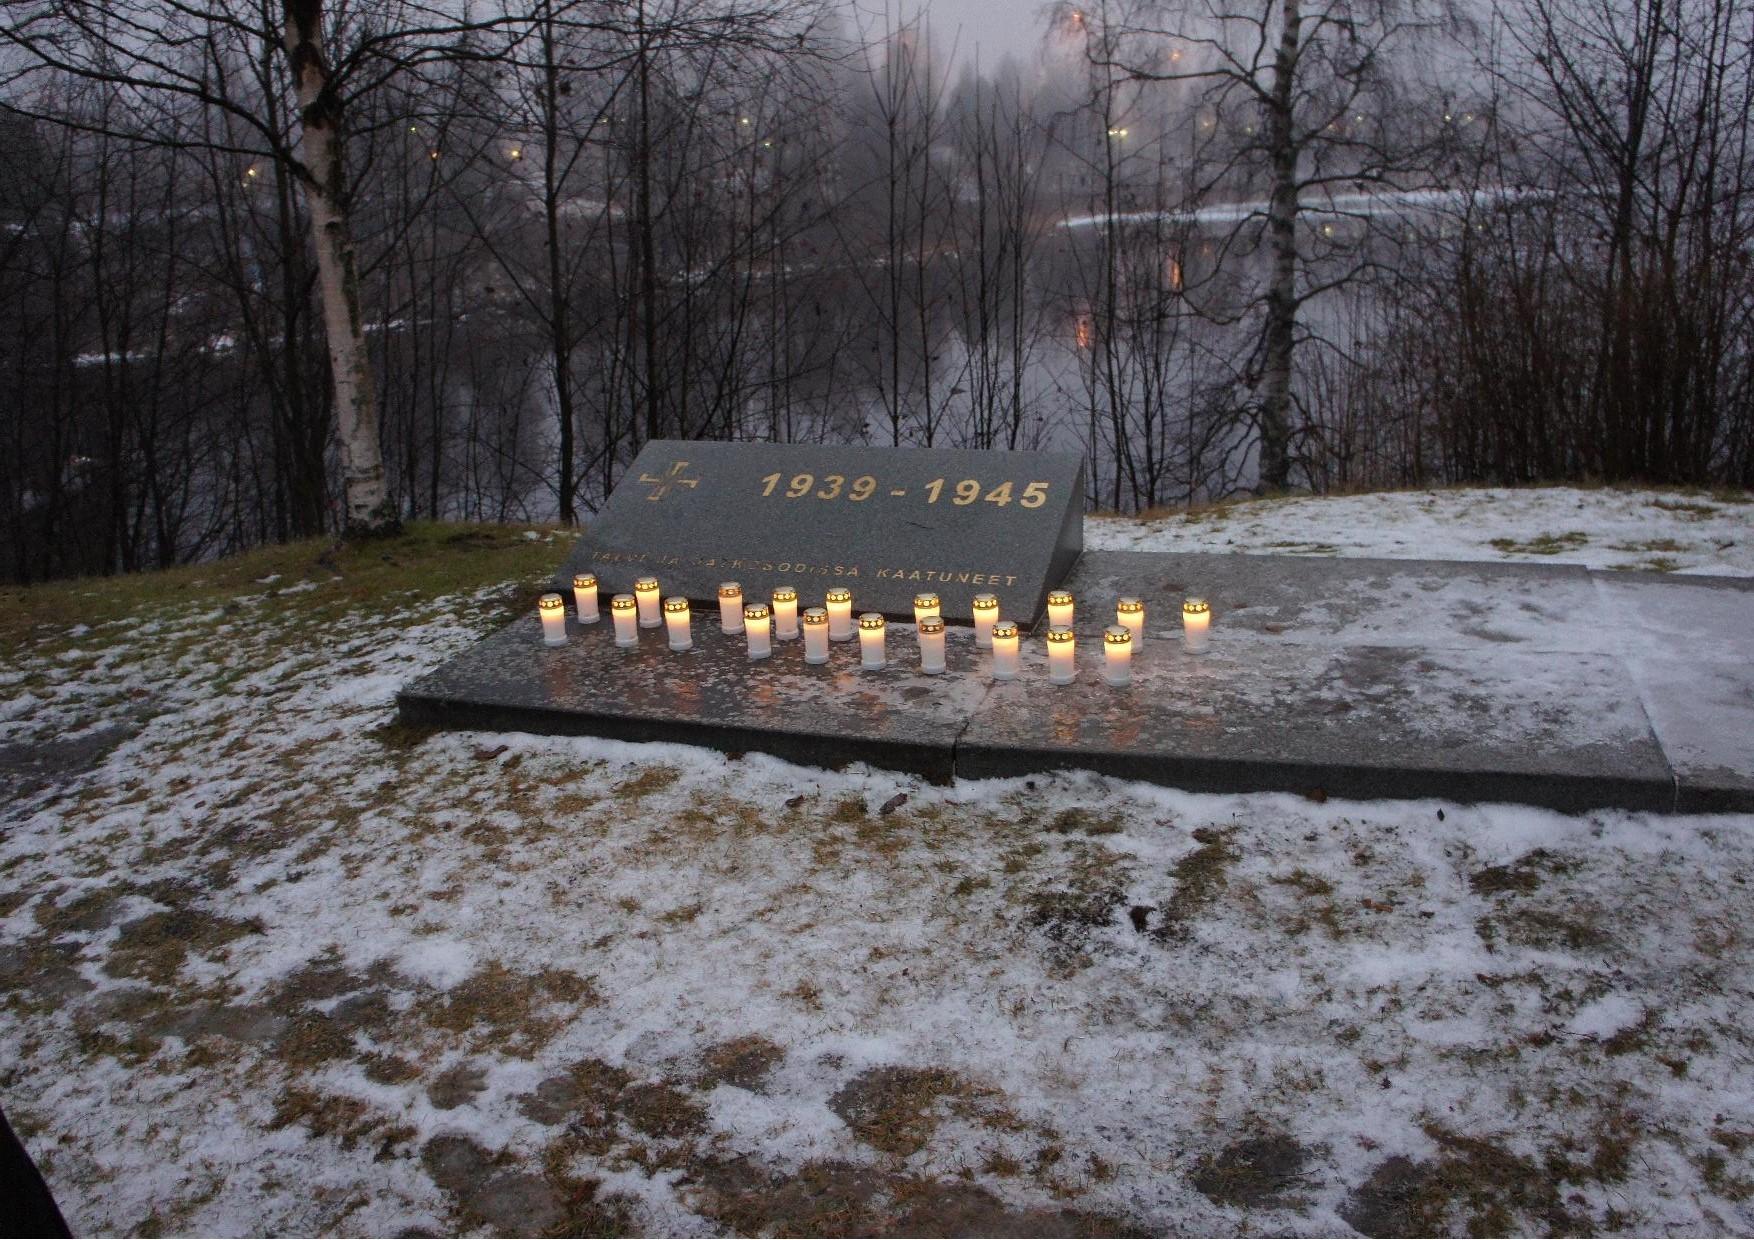 Oppilaitten kynttilät sytytettiin Talvi - ja Jatkosodassa kaatuneitten v. 1939 - 1945 muistomerkille. Sen on suunnitellut arkkitehti Hannu Puurunen. Muistomerkit sijaitsevat kauniilla paikalla aivan Paloisvirran rannalla.